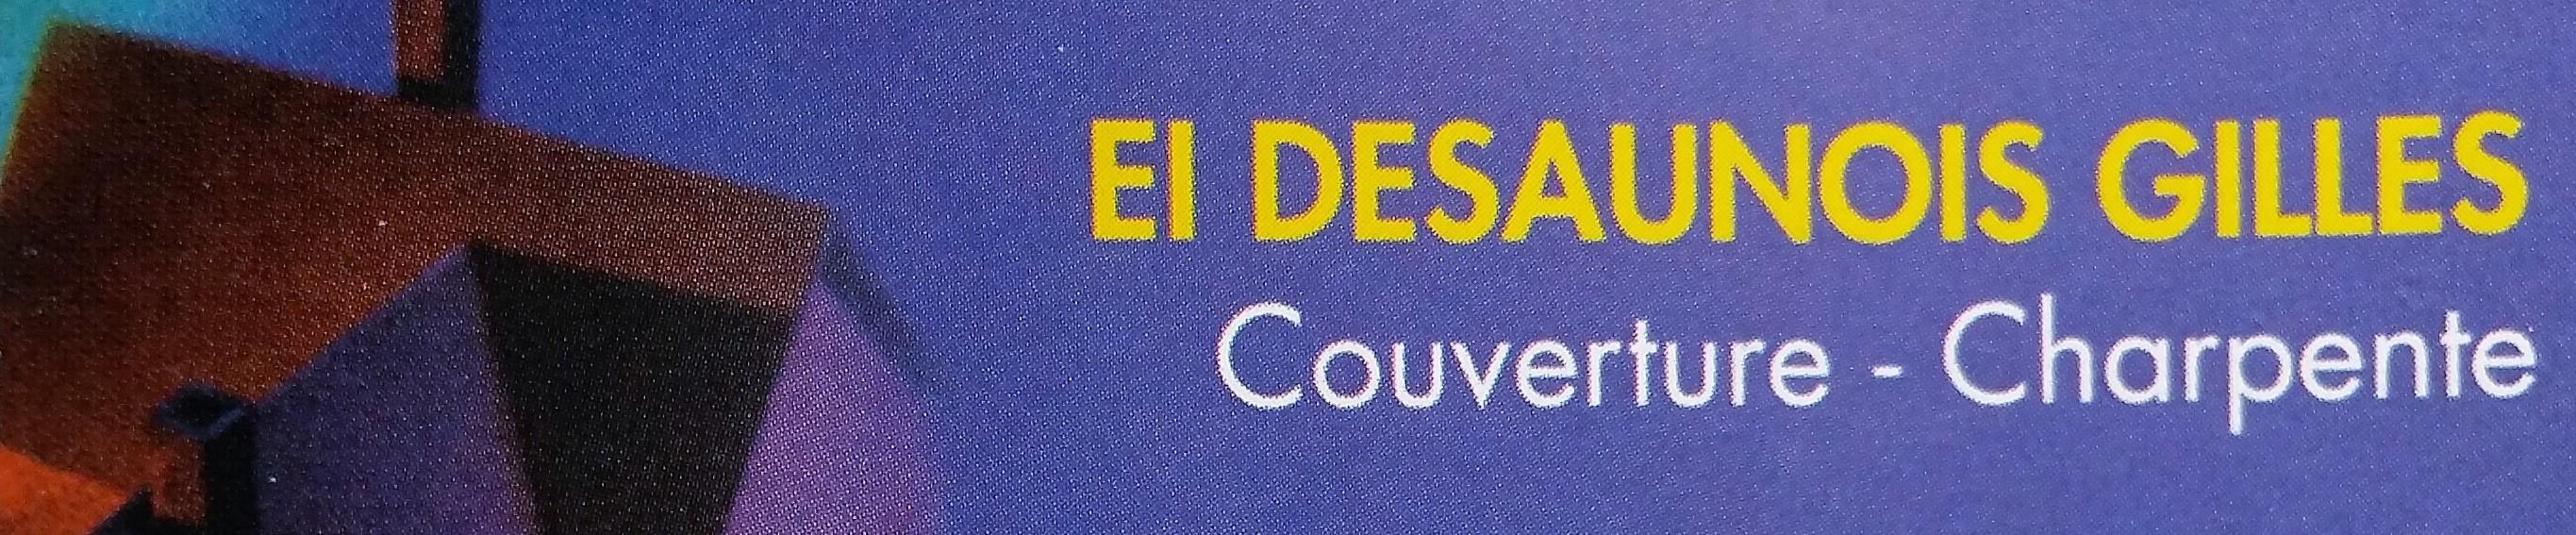 desnois 2.jpg